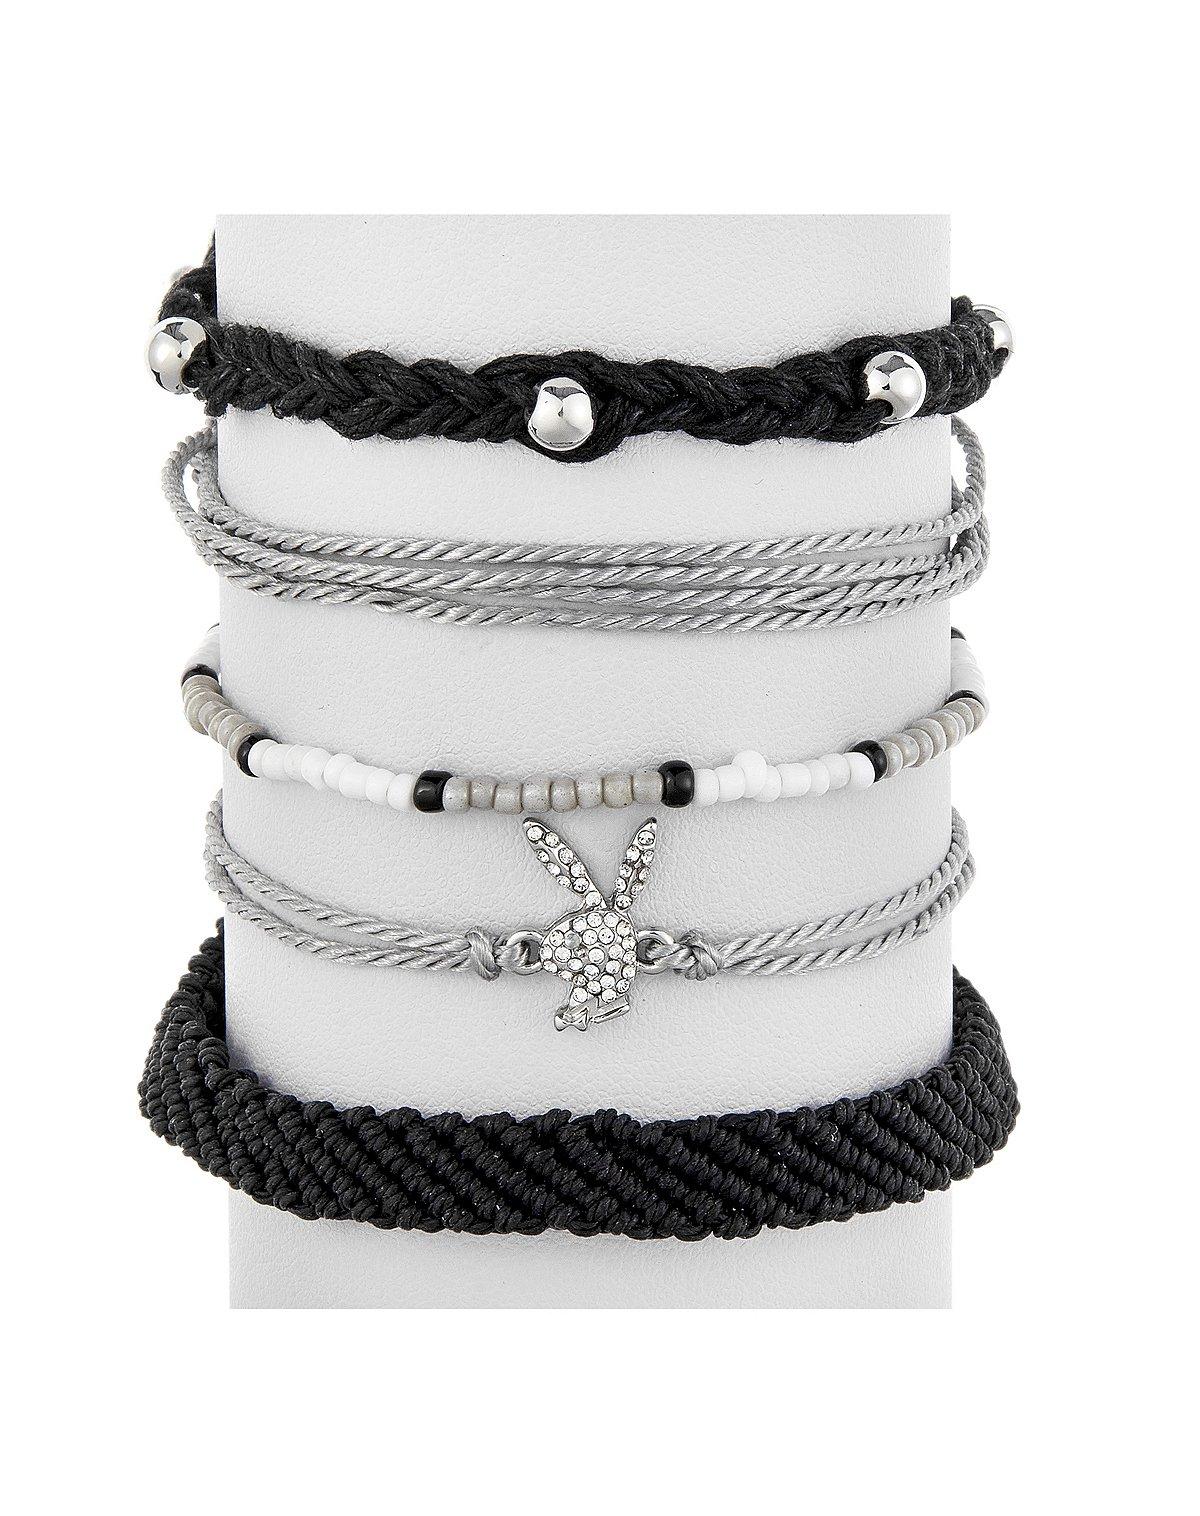 Playboy bracelets